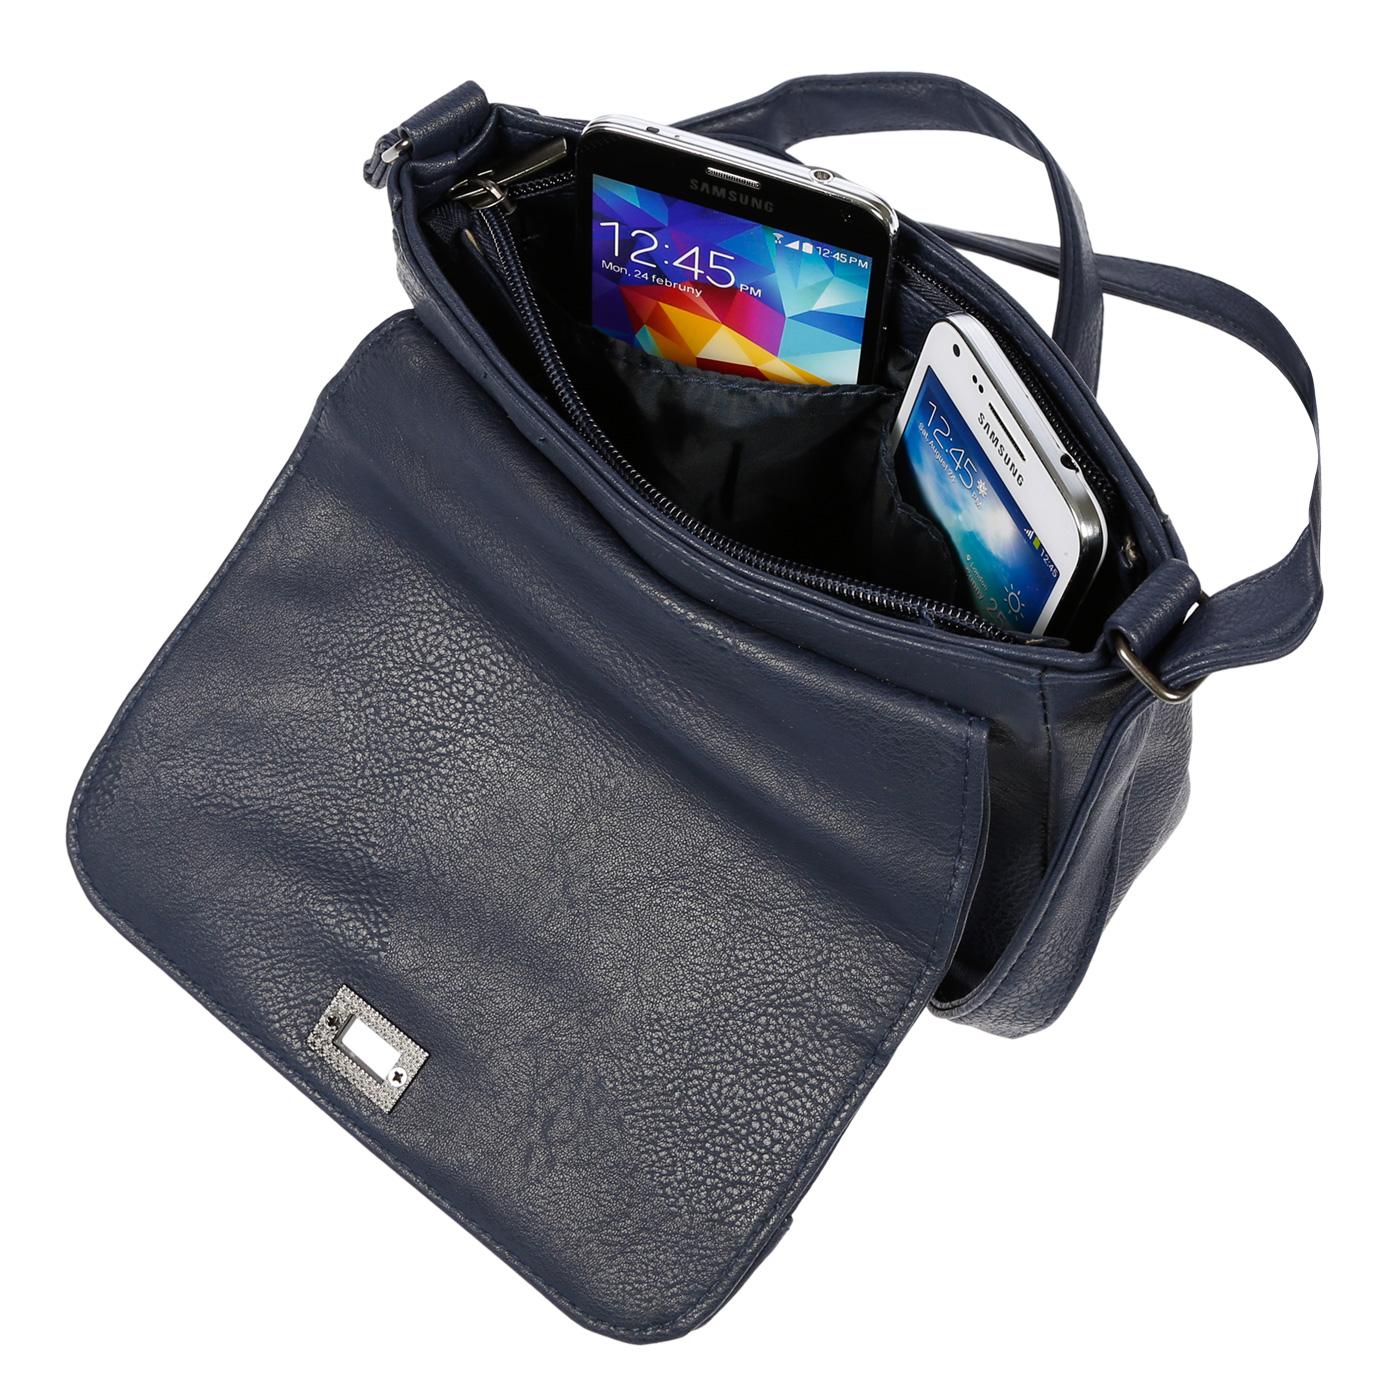 Kleine-Damen-Tasche-Umhaengetasche-Schultertasche-Crossover-Bag-Leder-Optik-NEU Indexbild 42